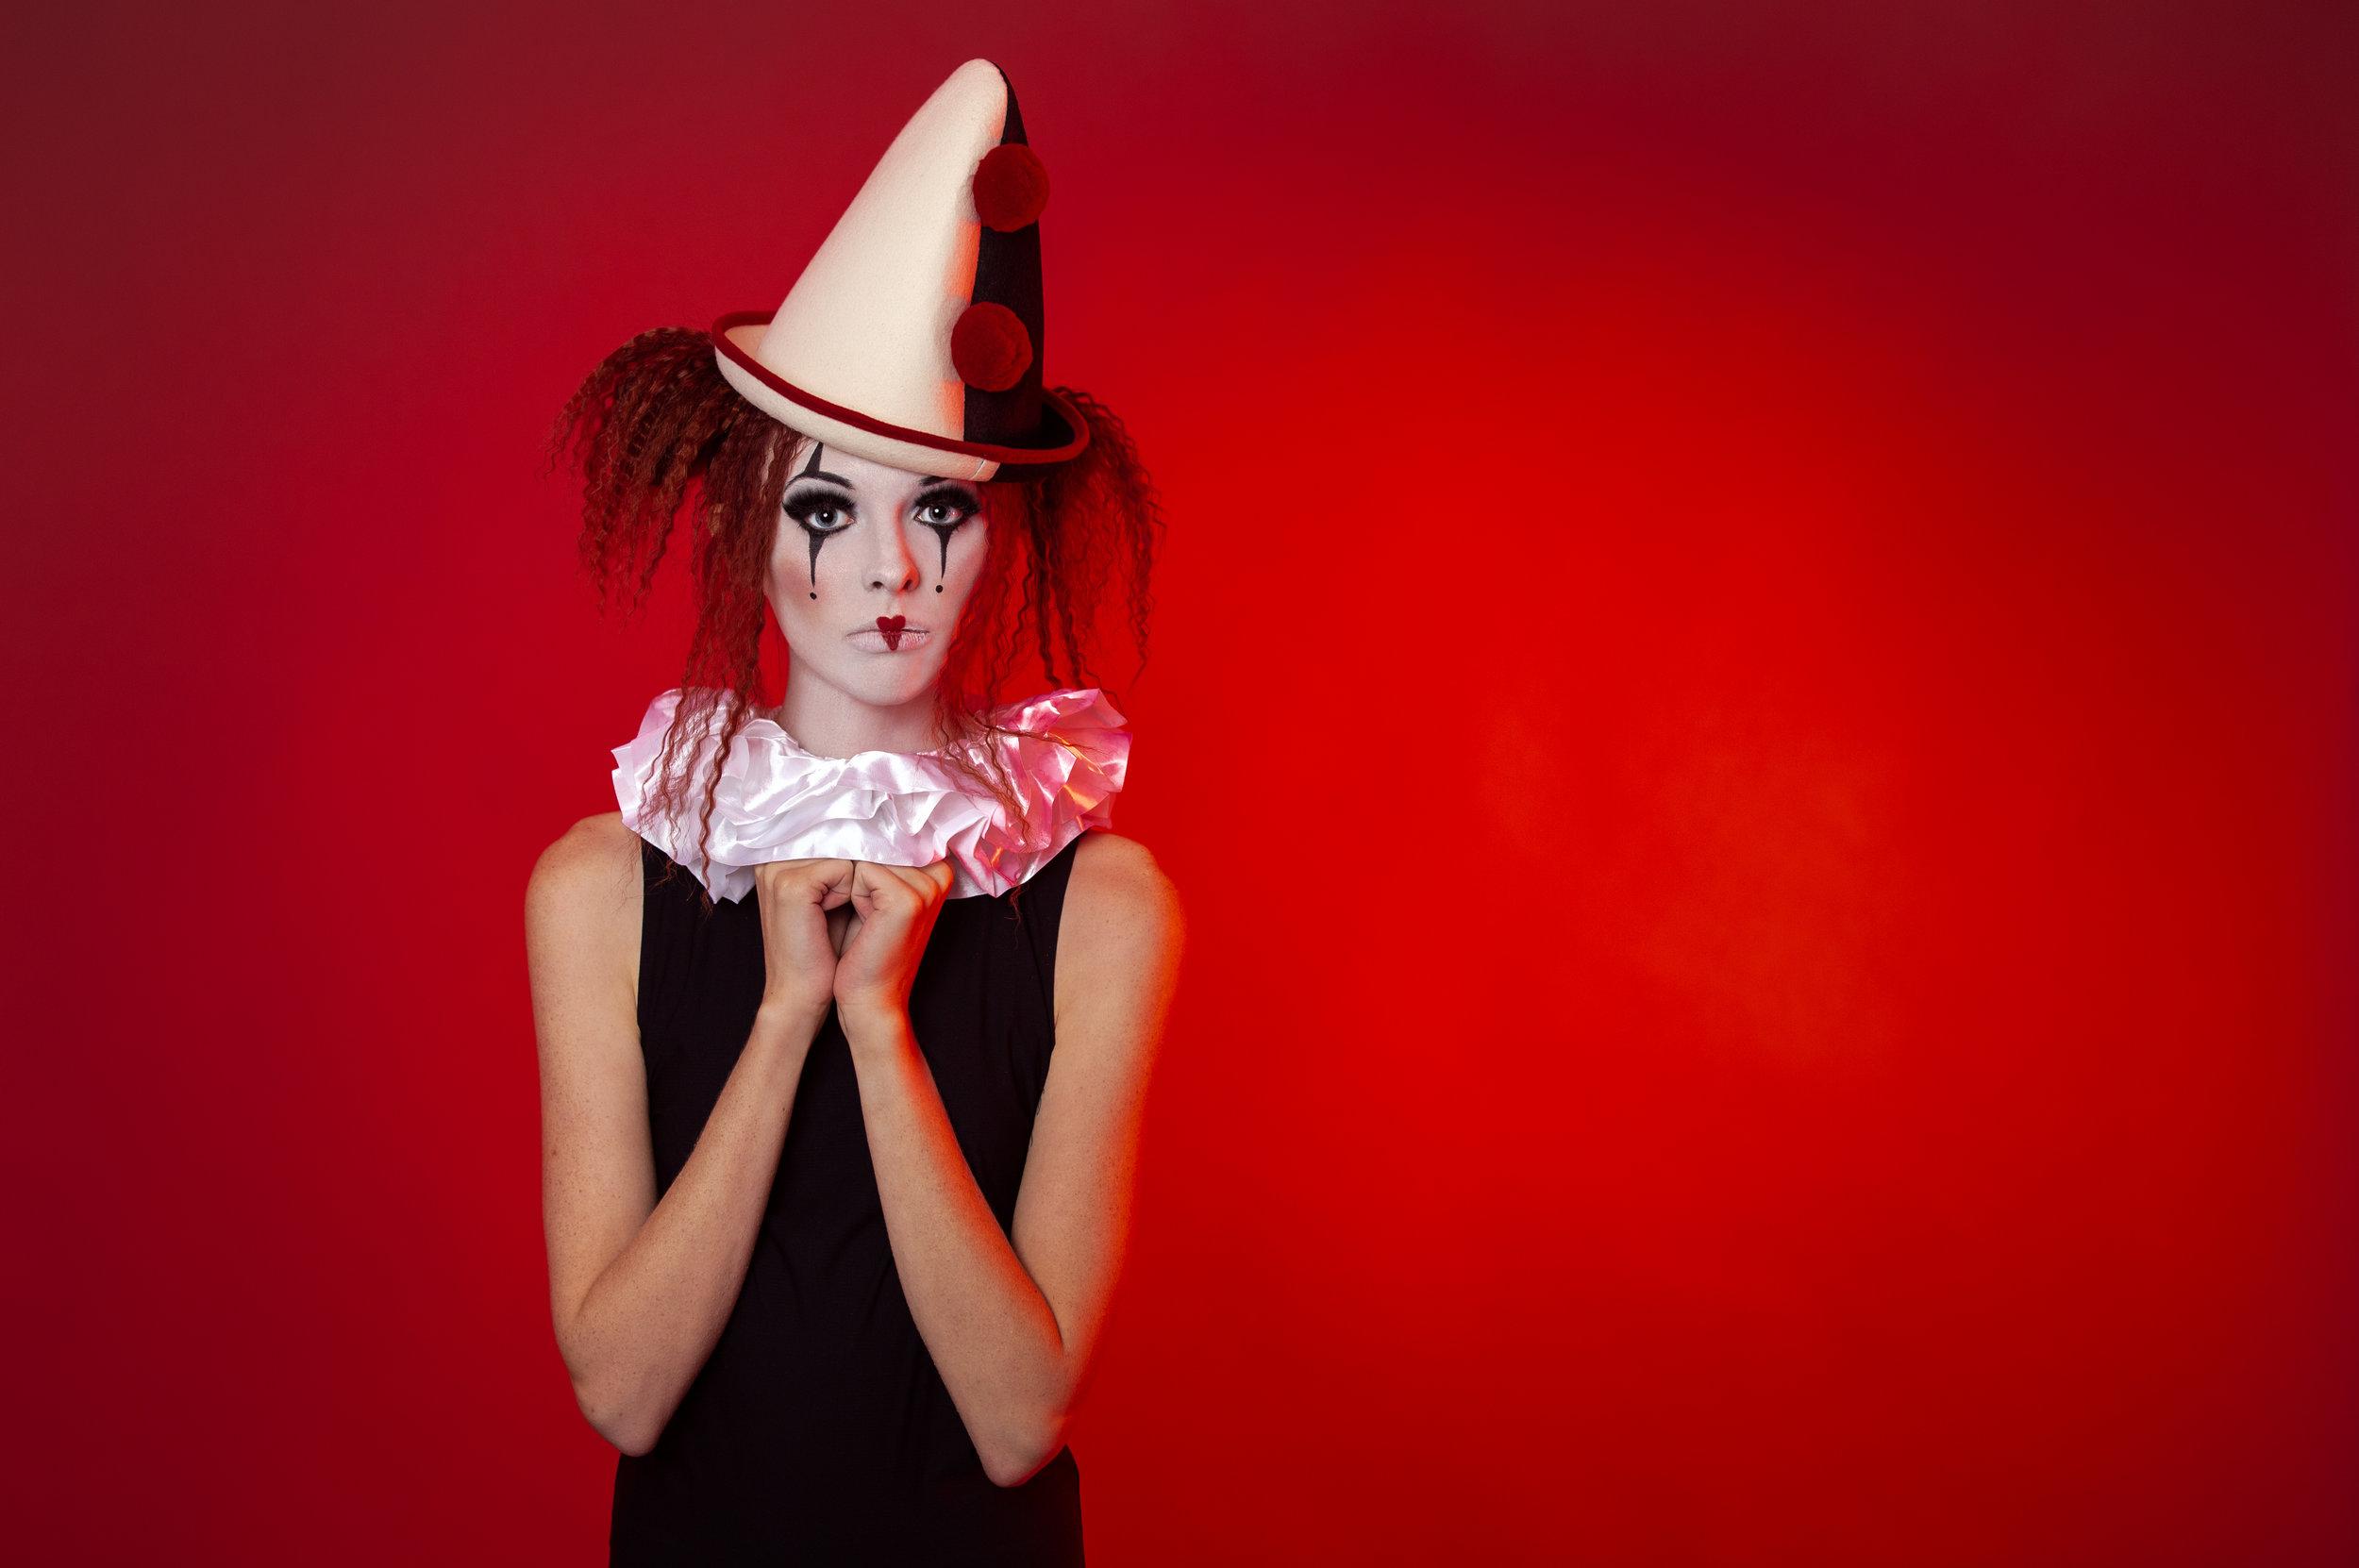 Clown-14.jpg